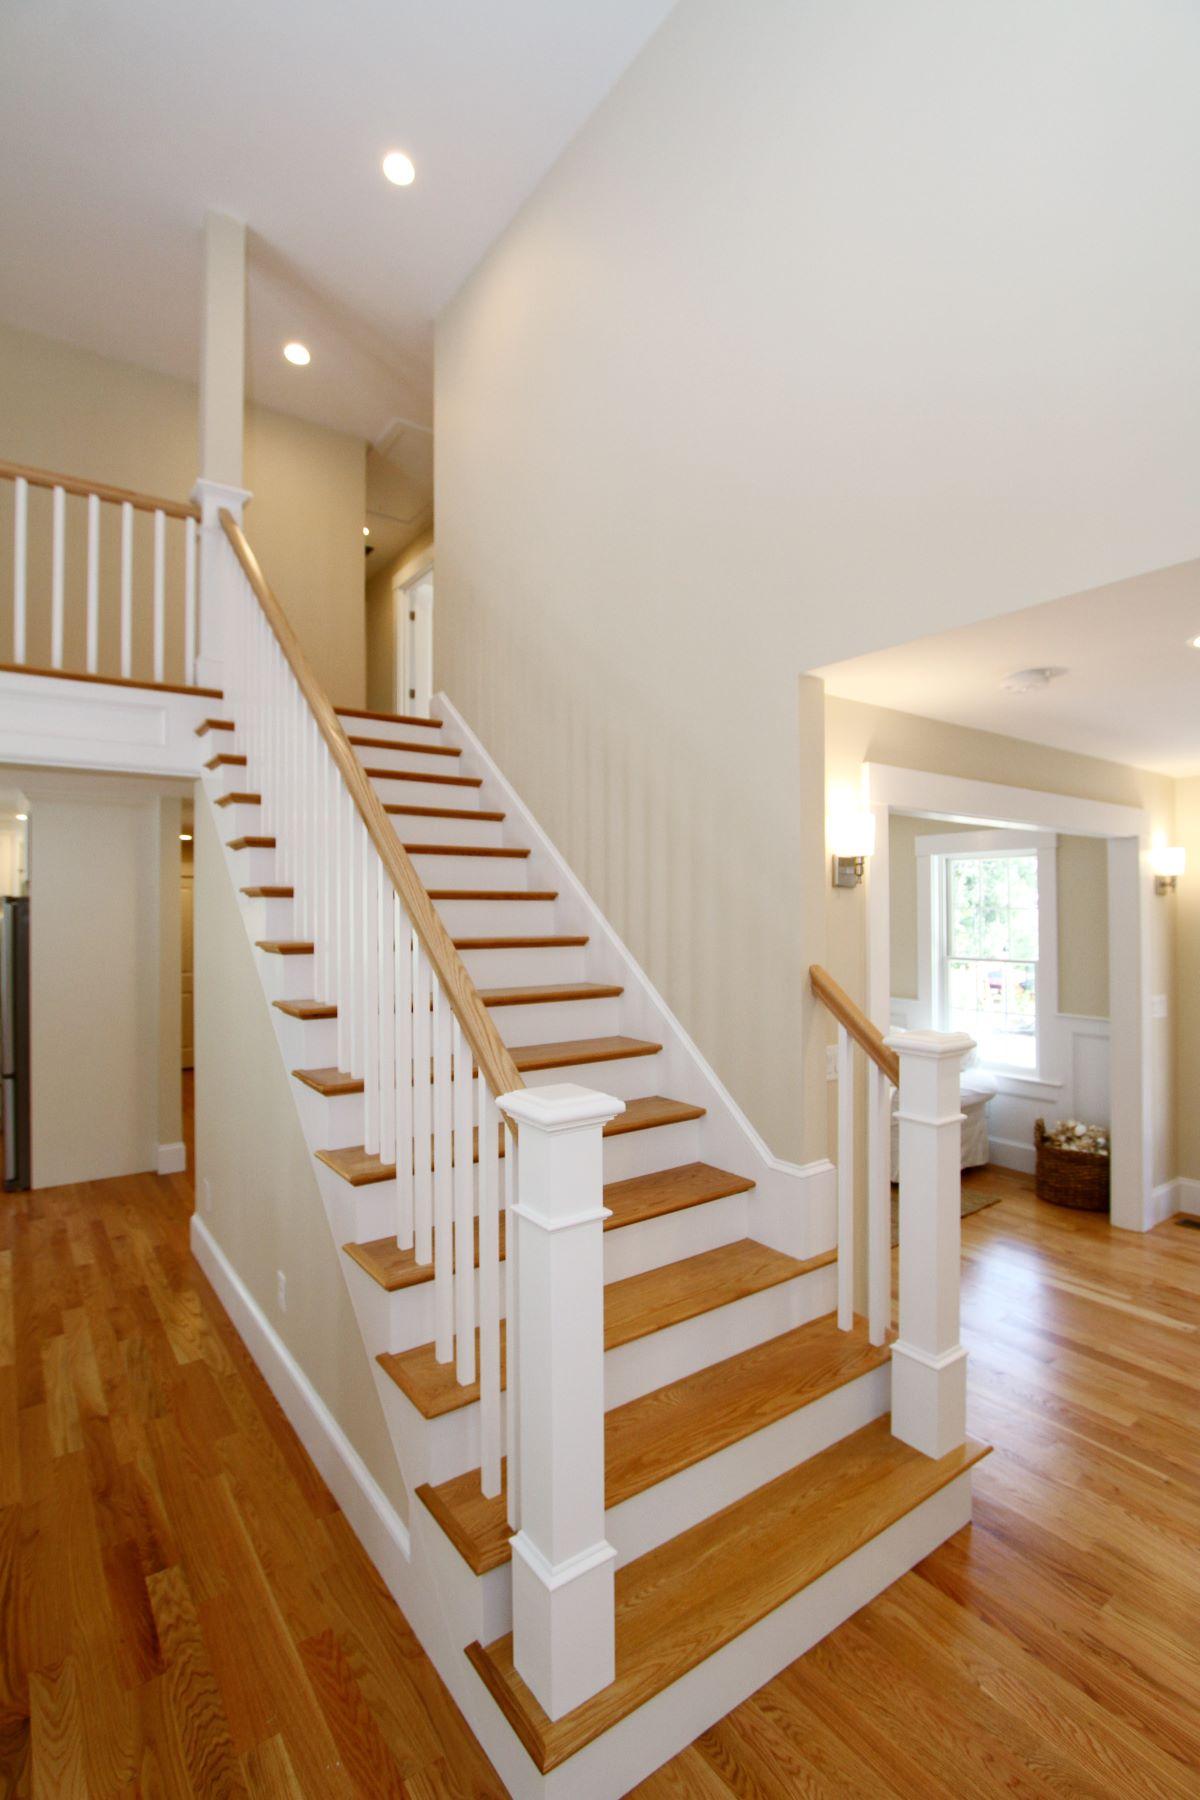 独户住宅 为 销售 在 11 Abby Road, Brewster, MA 布鲁斯特, 02631 美国